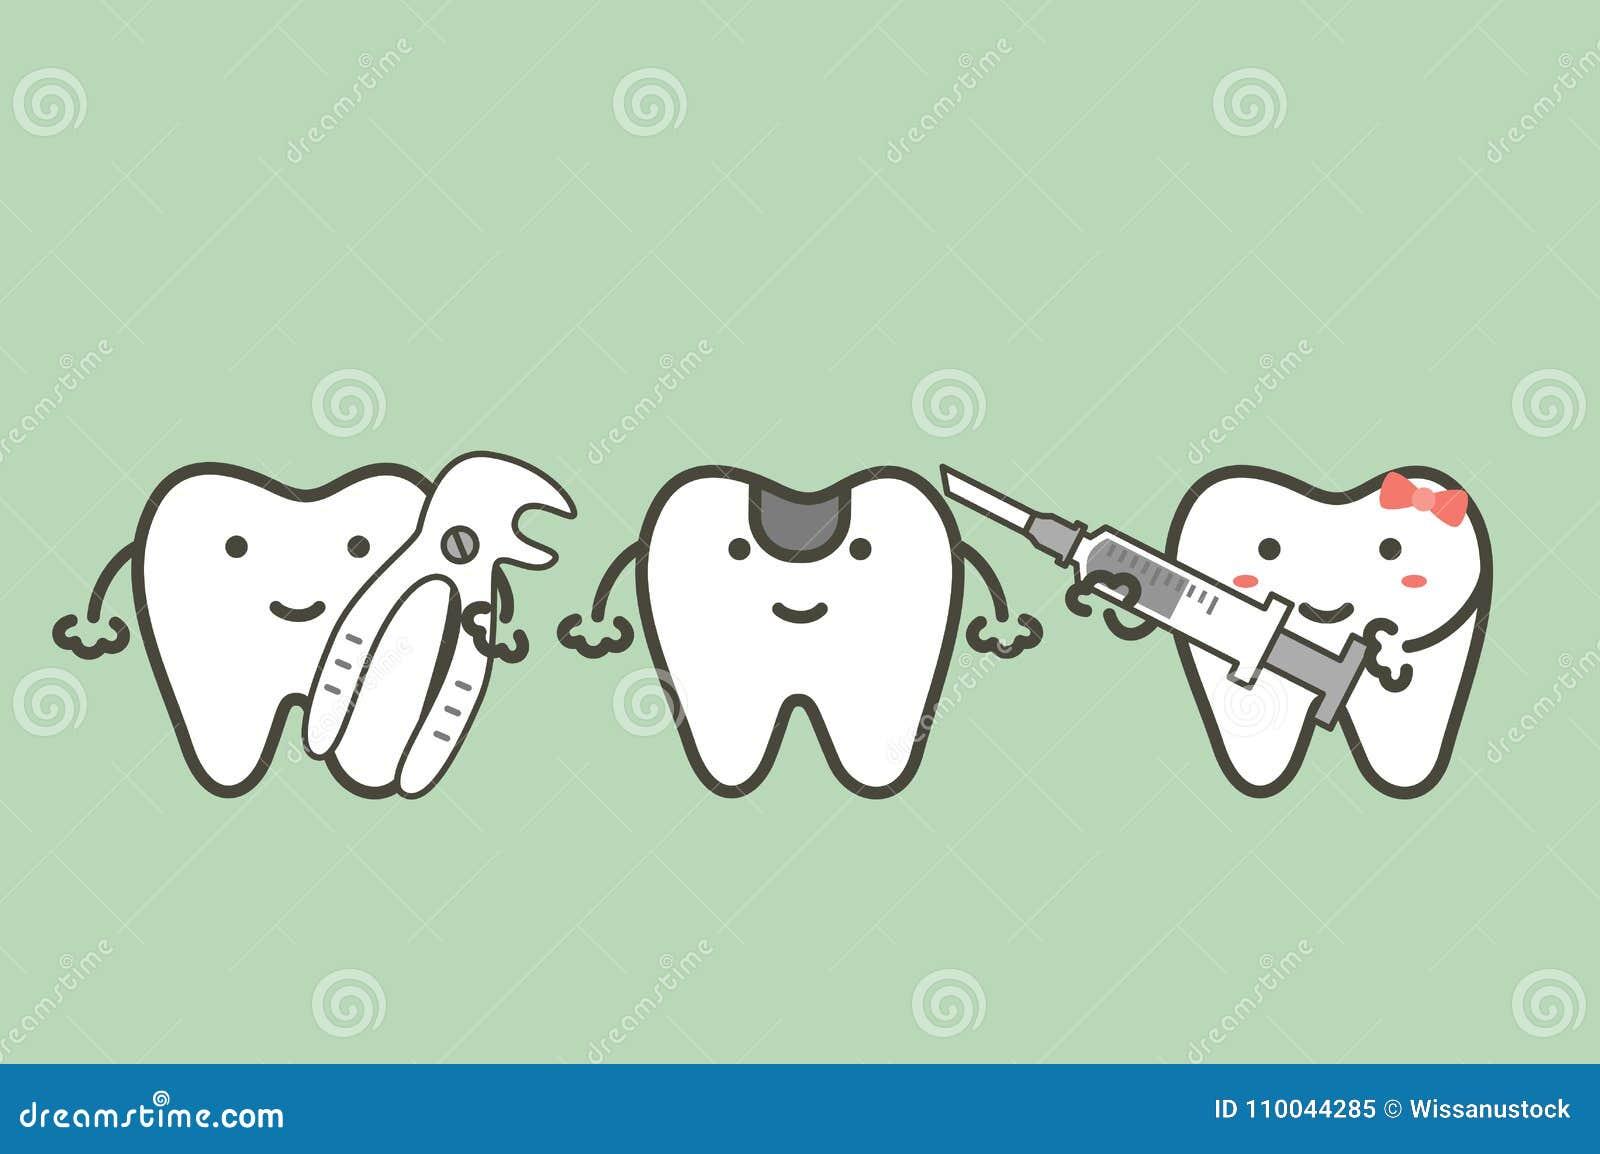 Zdrowi ząb chłopiec chwyta forceps i dziewczyna chwyt opryskują dla ząb ekstrakci - usunięcie próchnicy